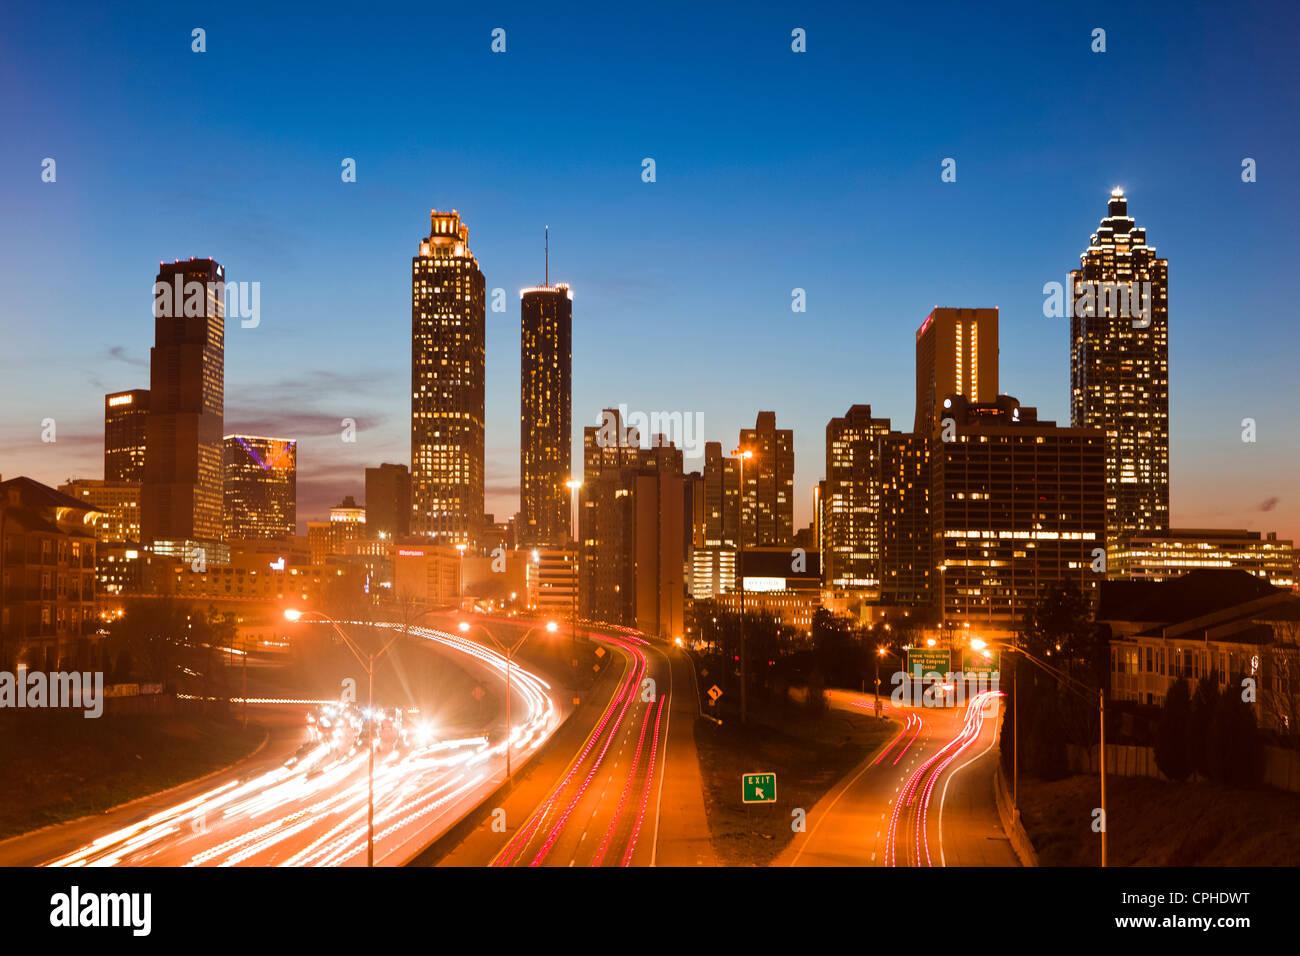 Ee.Uu., país, Estados Unidos, Georgia, Atlanta, arquitectura, automóviles, en el centro de la ciudad, Imagen De Stock